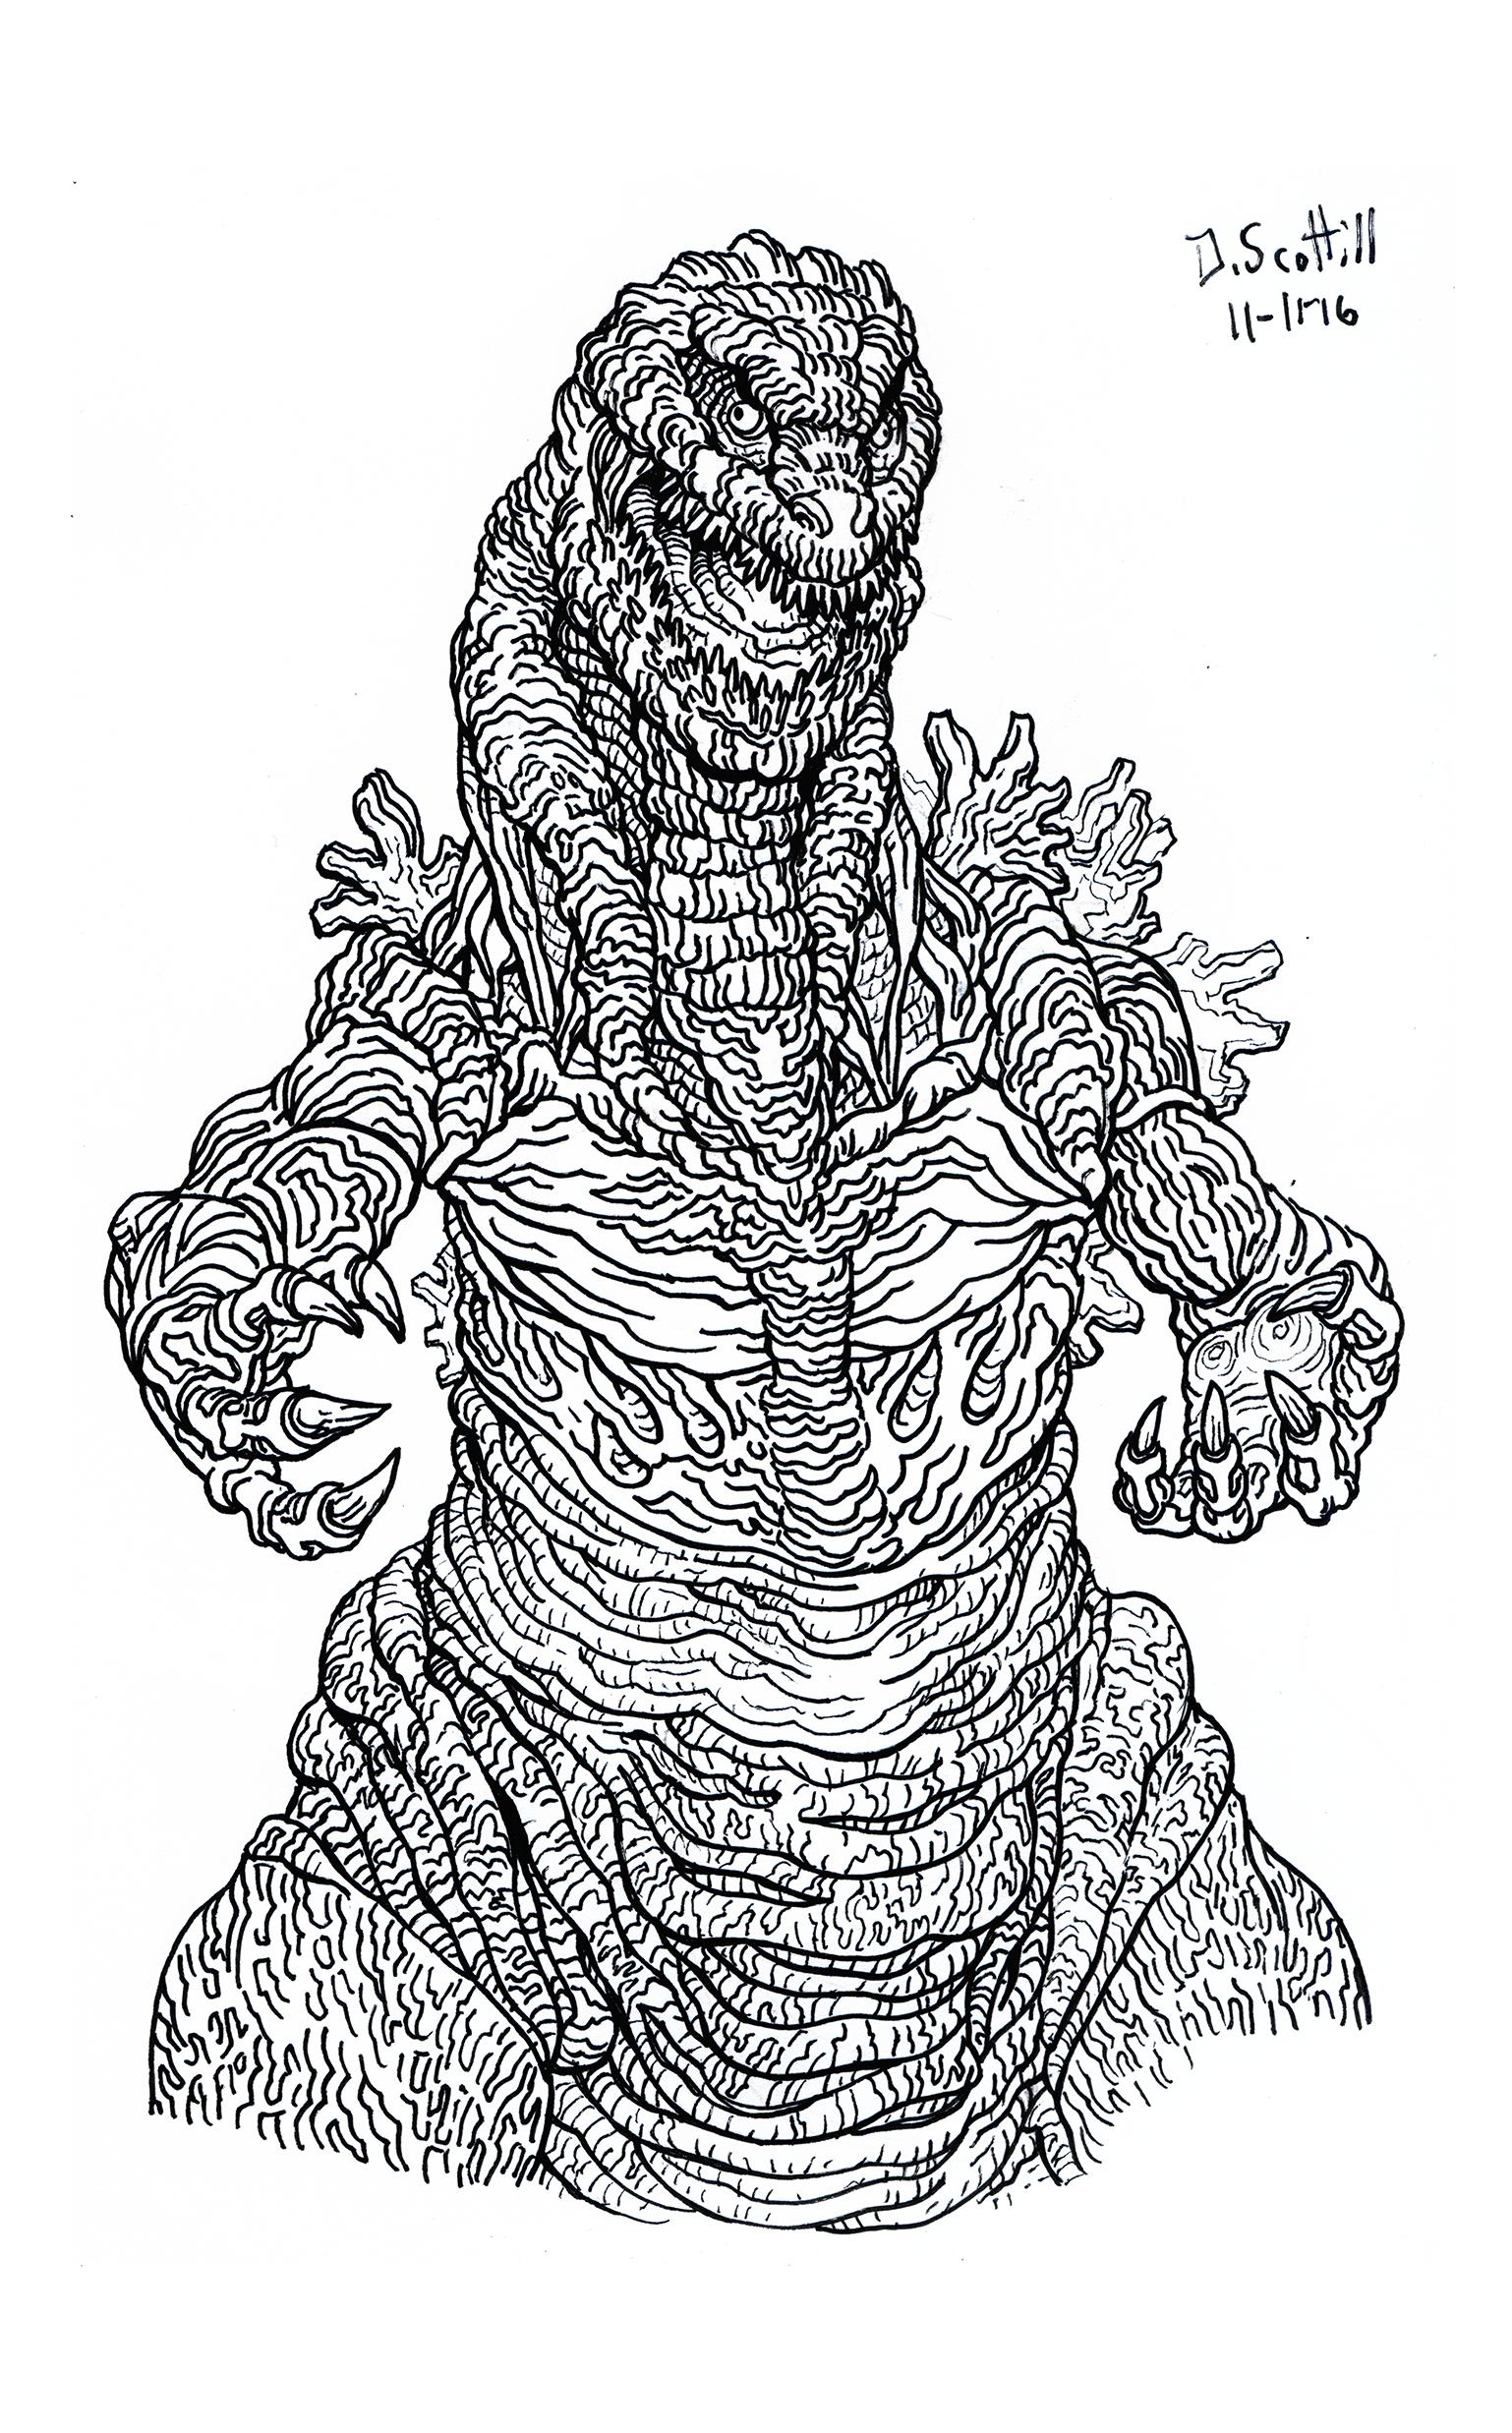 Excepcional Godzilla 2000 Para Colorear Ideas - Dibujos Para ...